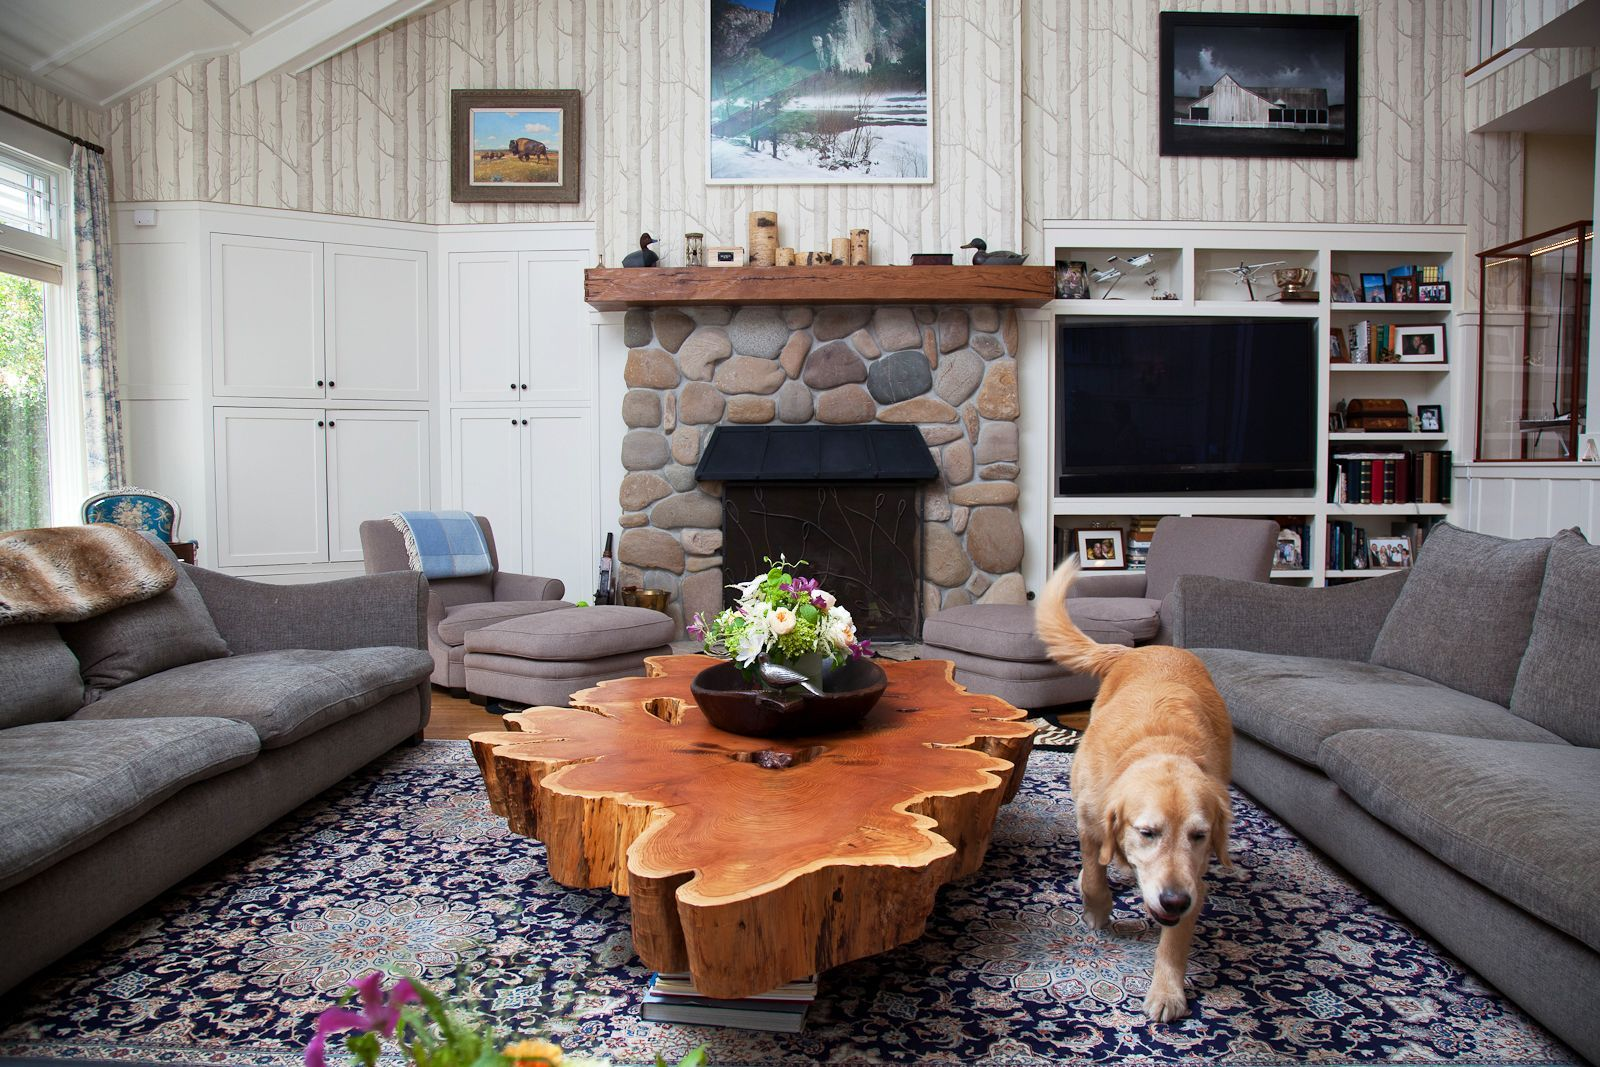 contoh karya seni rupa 2 dimensi hasil modifikasi Home